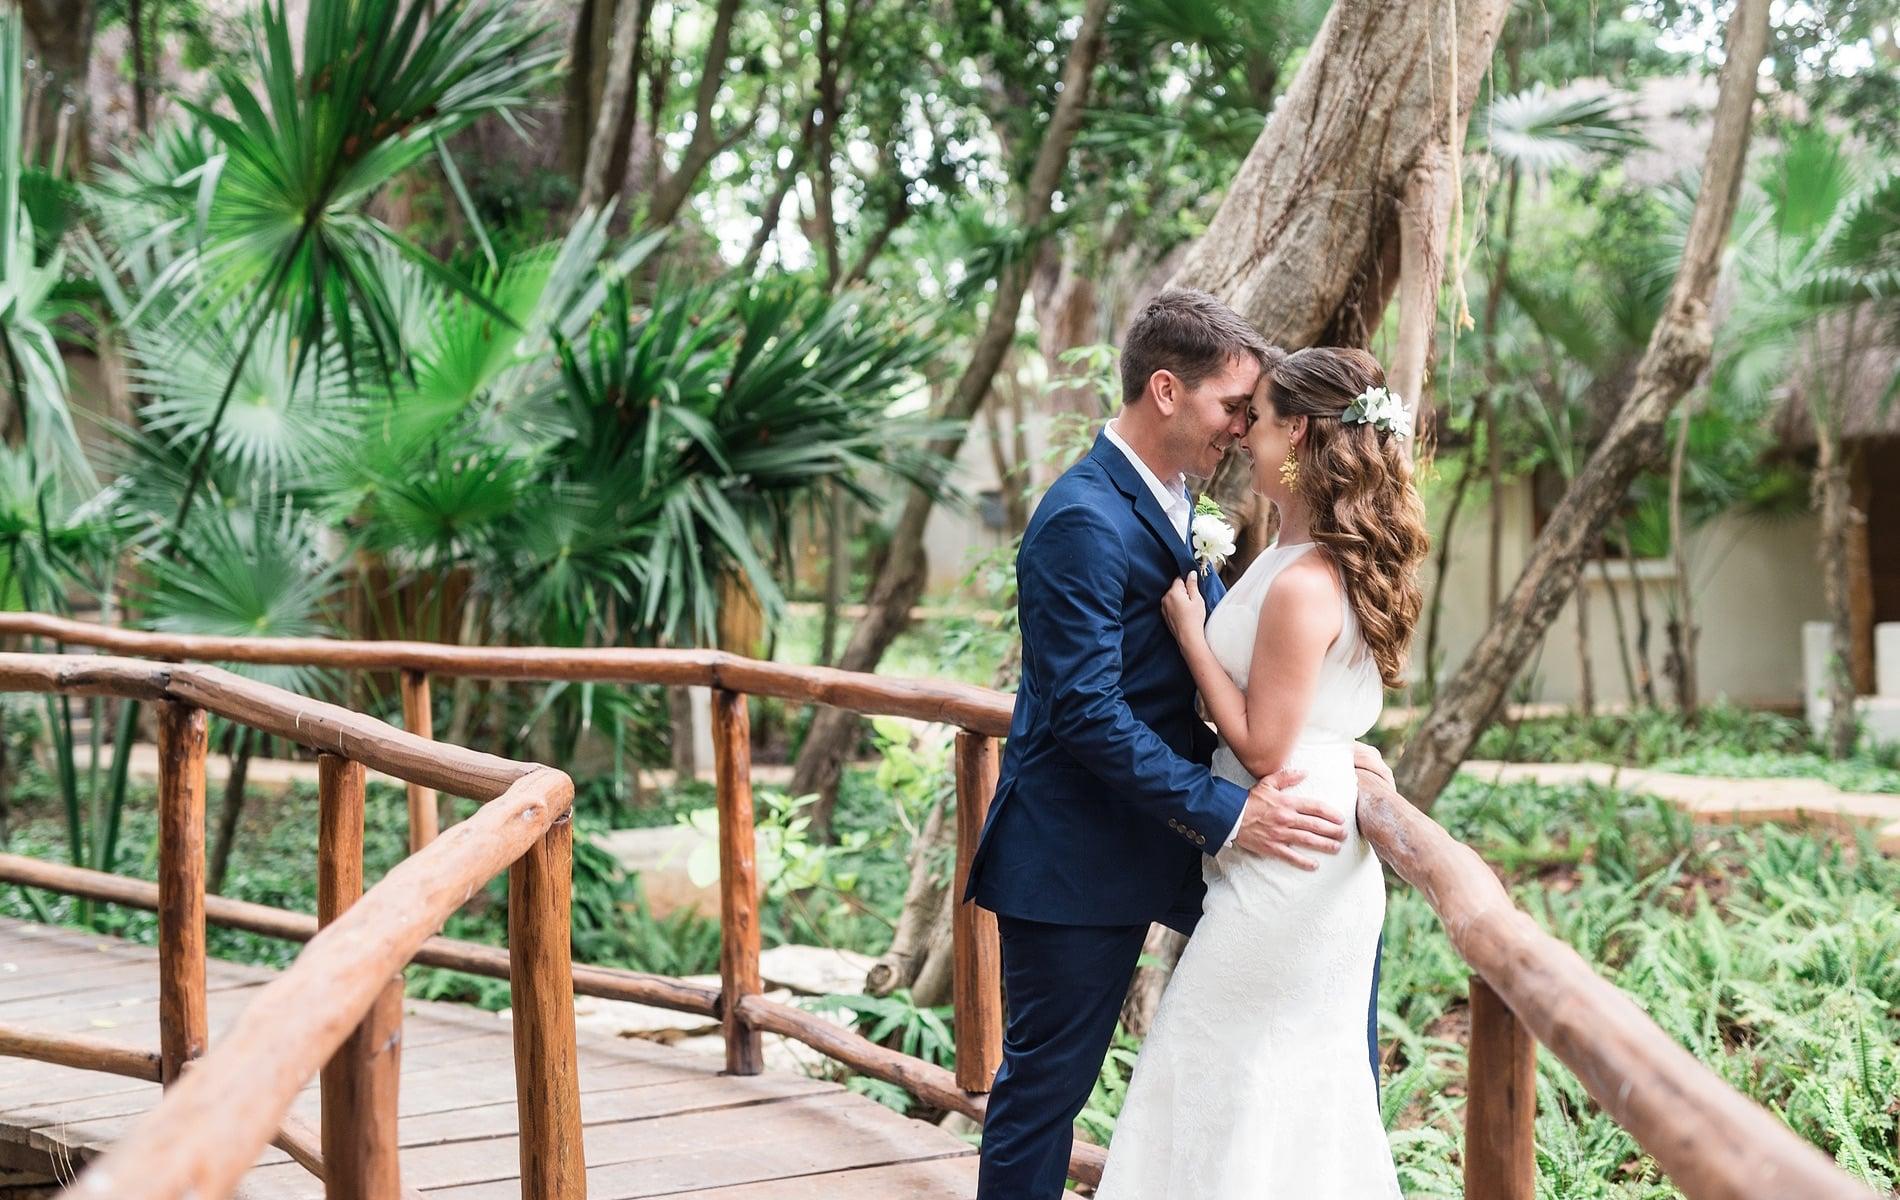 Maheka Beach Resort, Maheka Beach Resort Weddings, Playa del Carmen Hotel